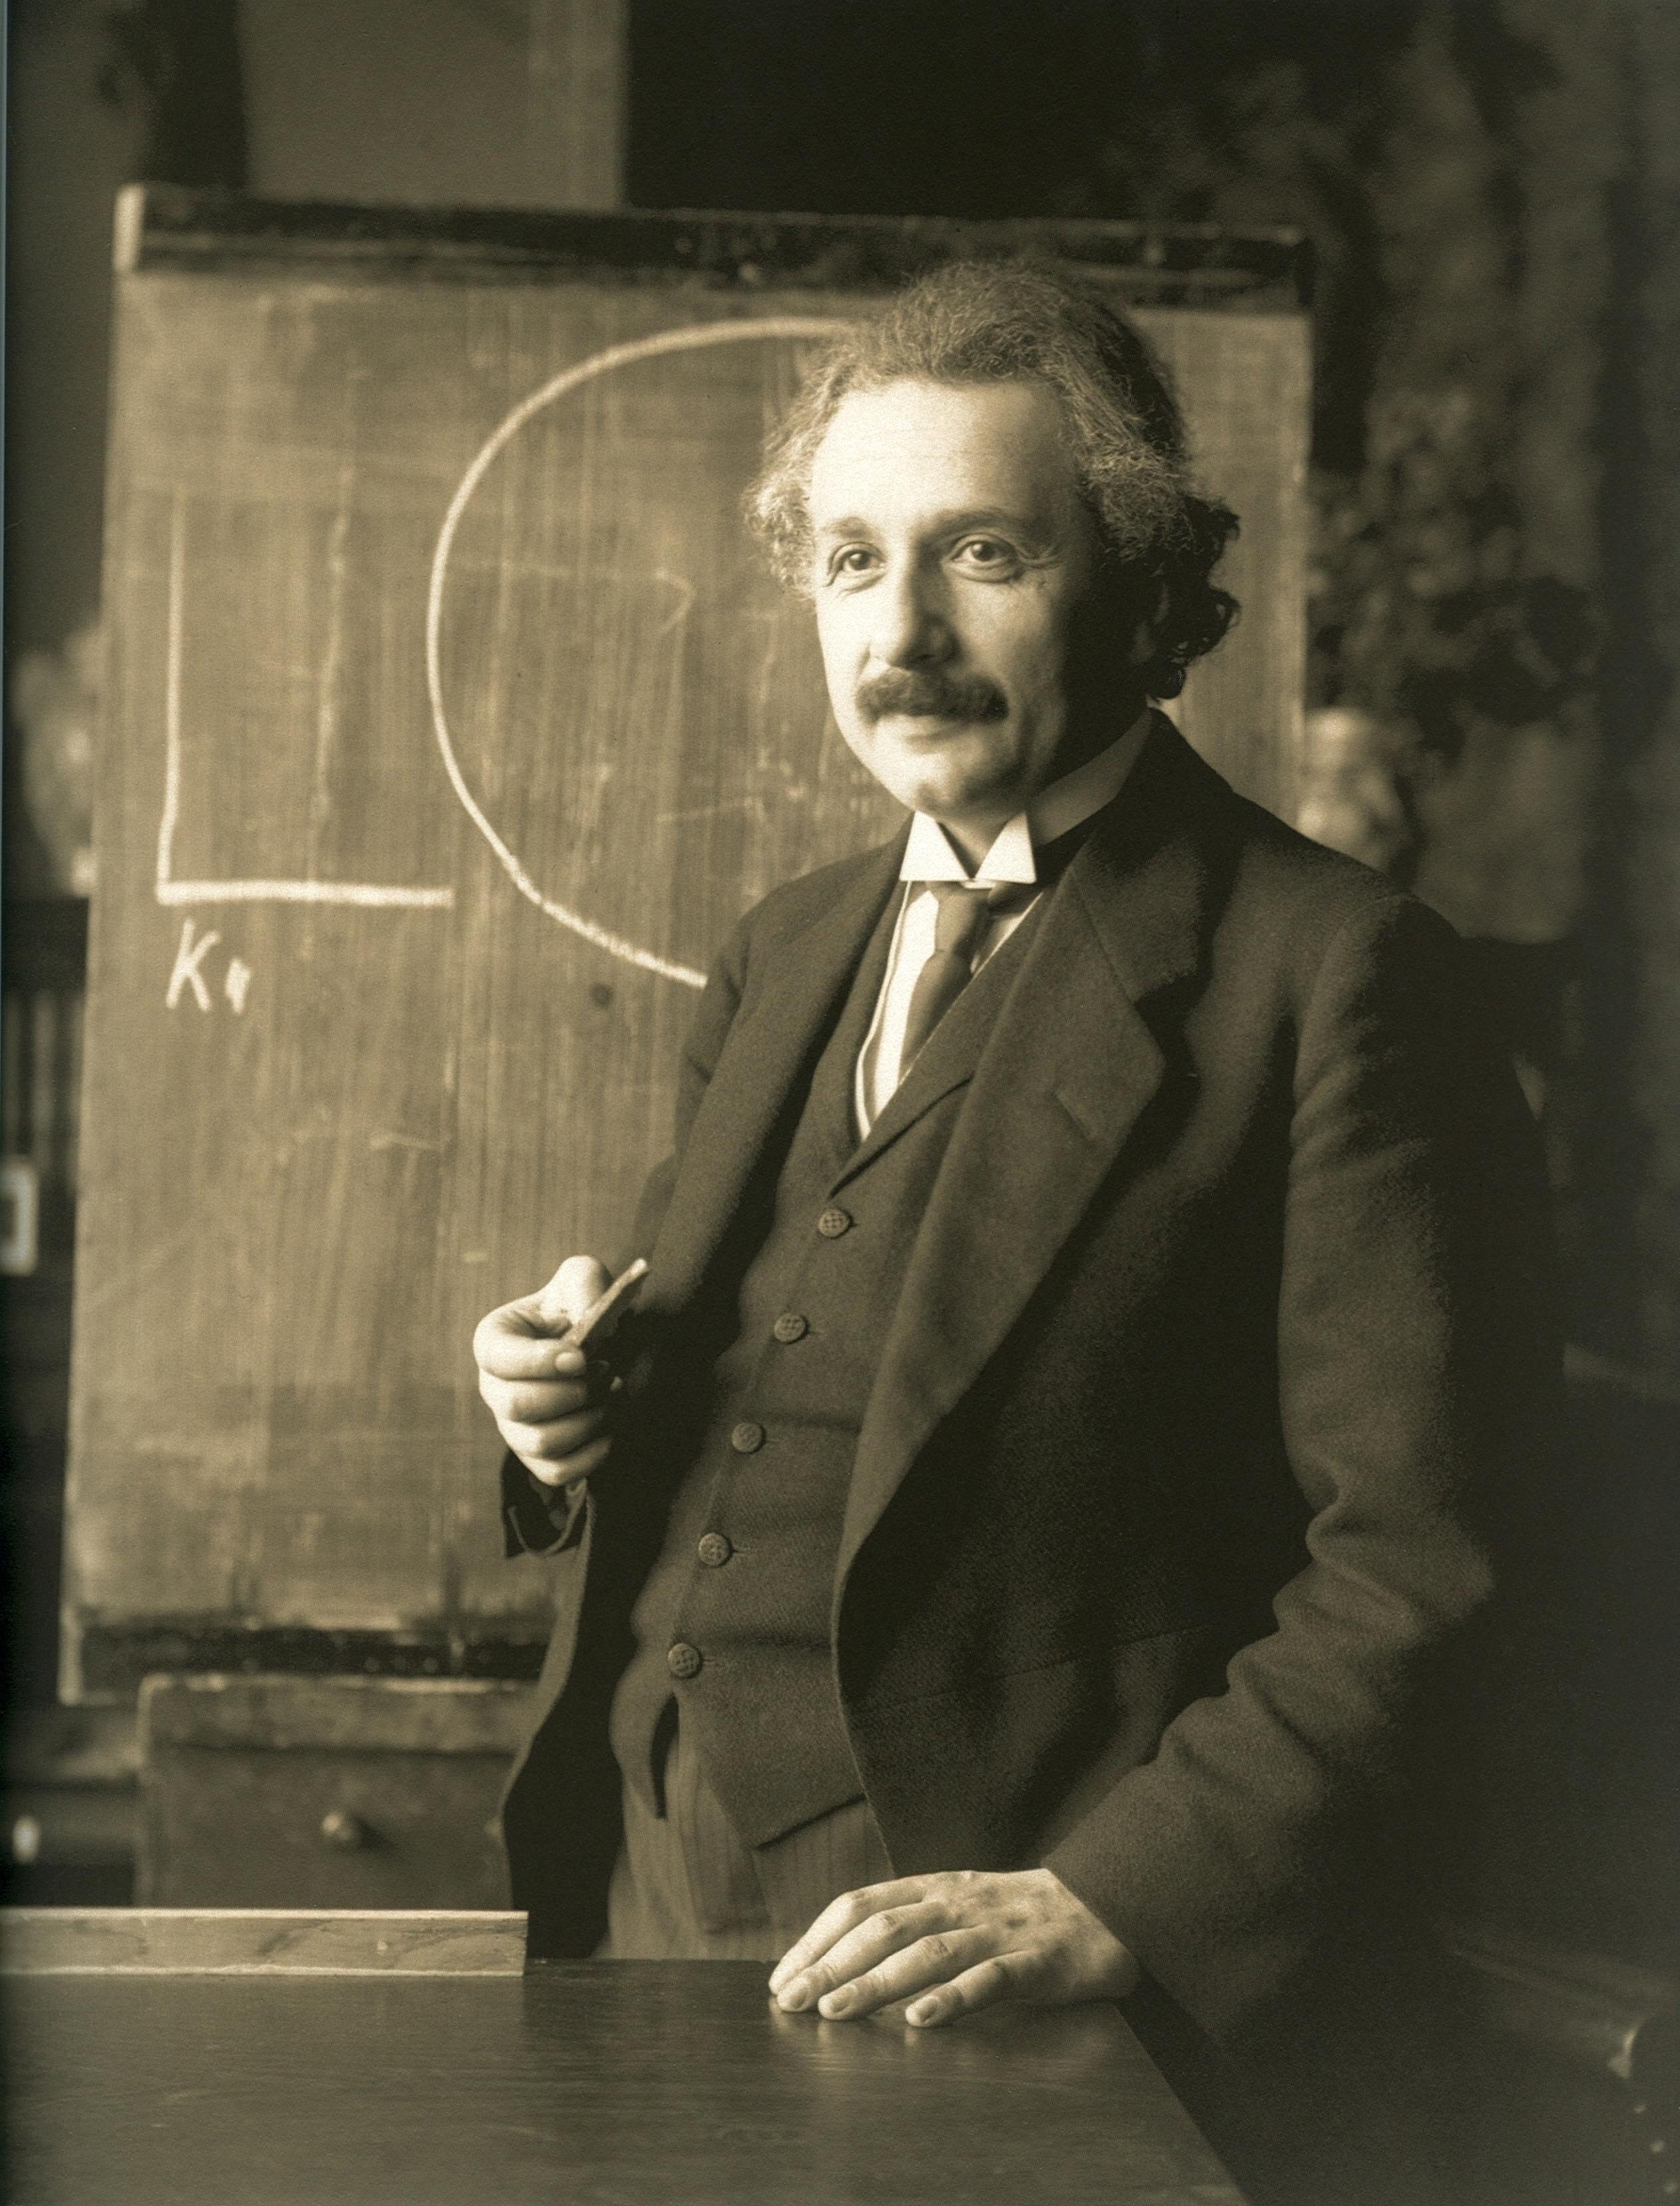 Kiderült: Einsteinnek még a legnagyobb tévedése is igaz